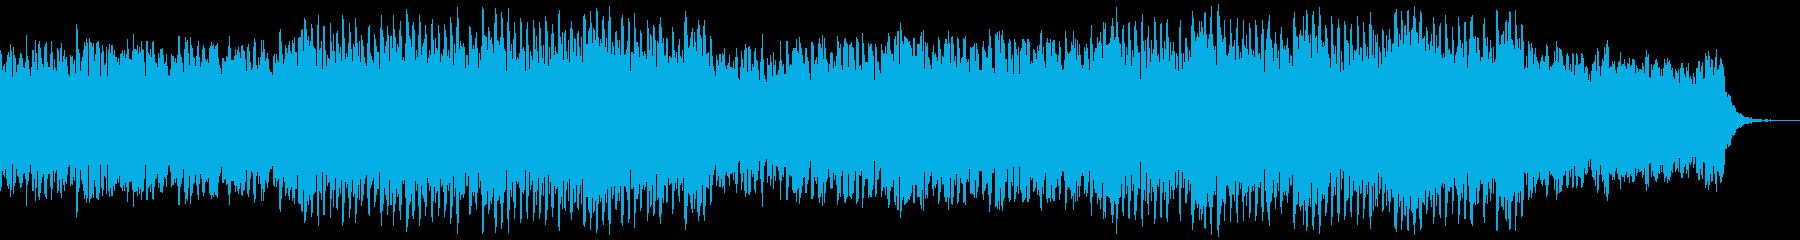 プログレッシブ 交響曲 コーポレー...の再生済みの波形